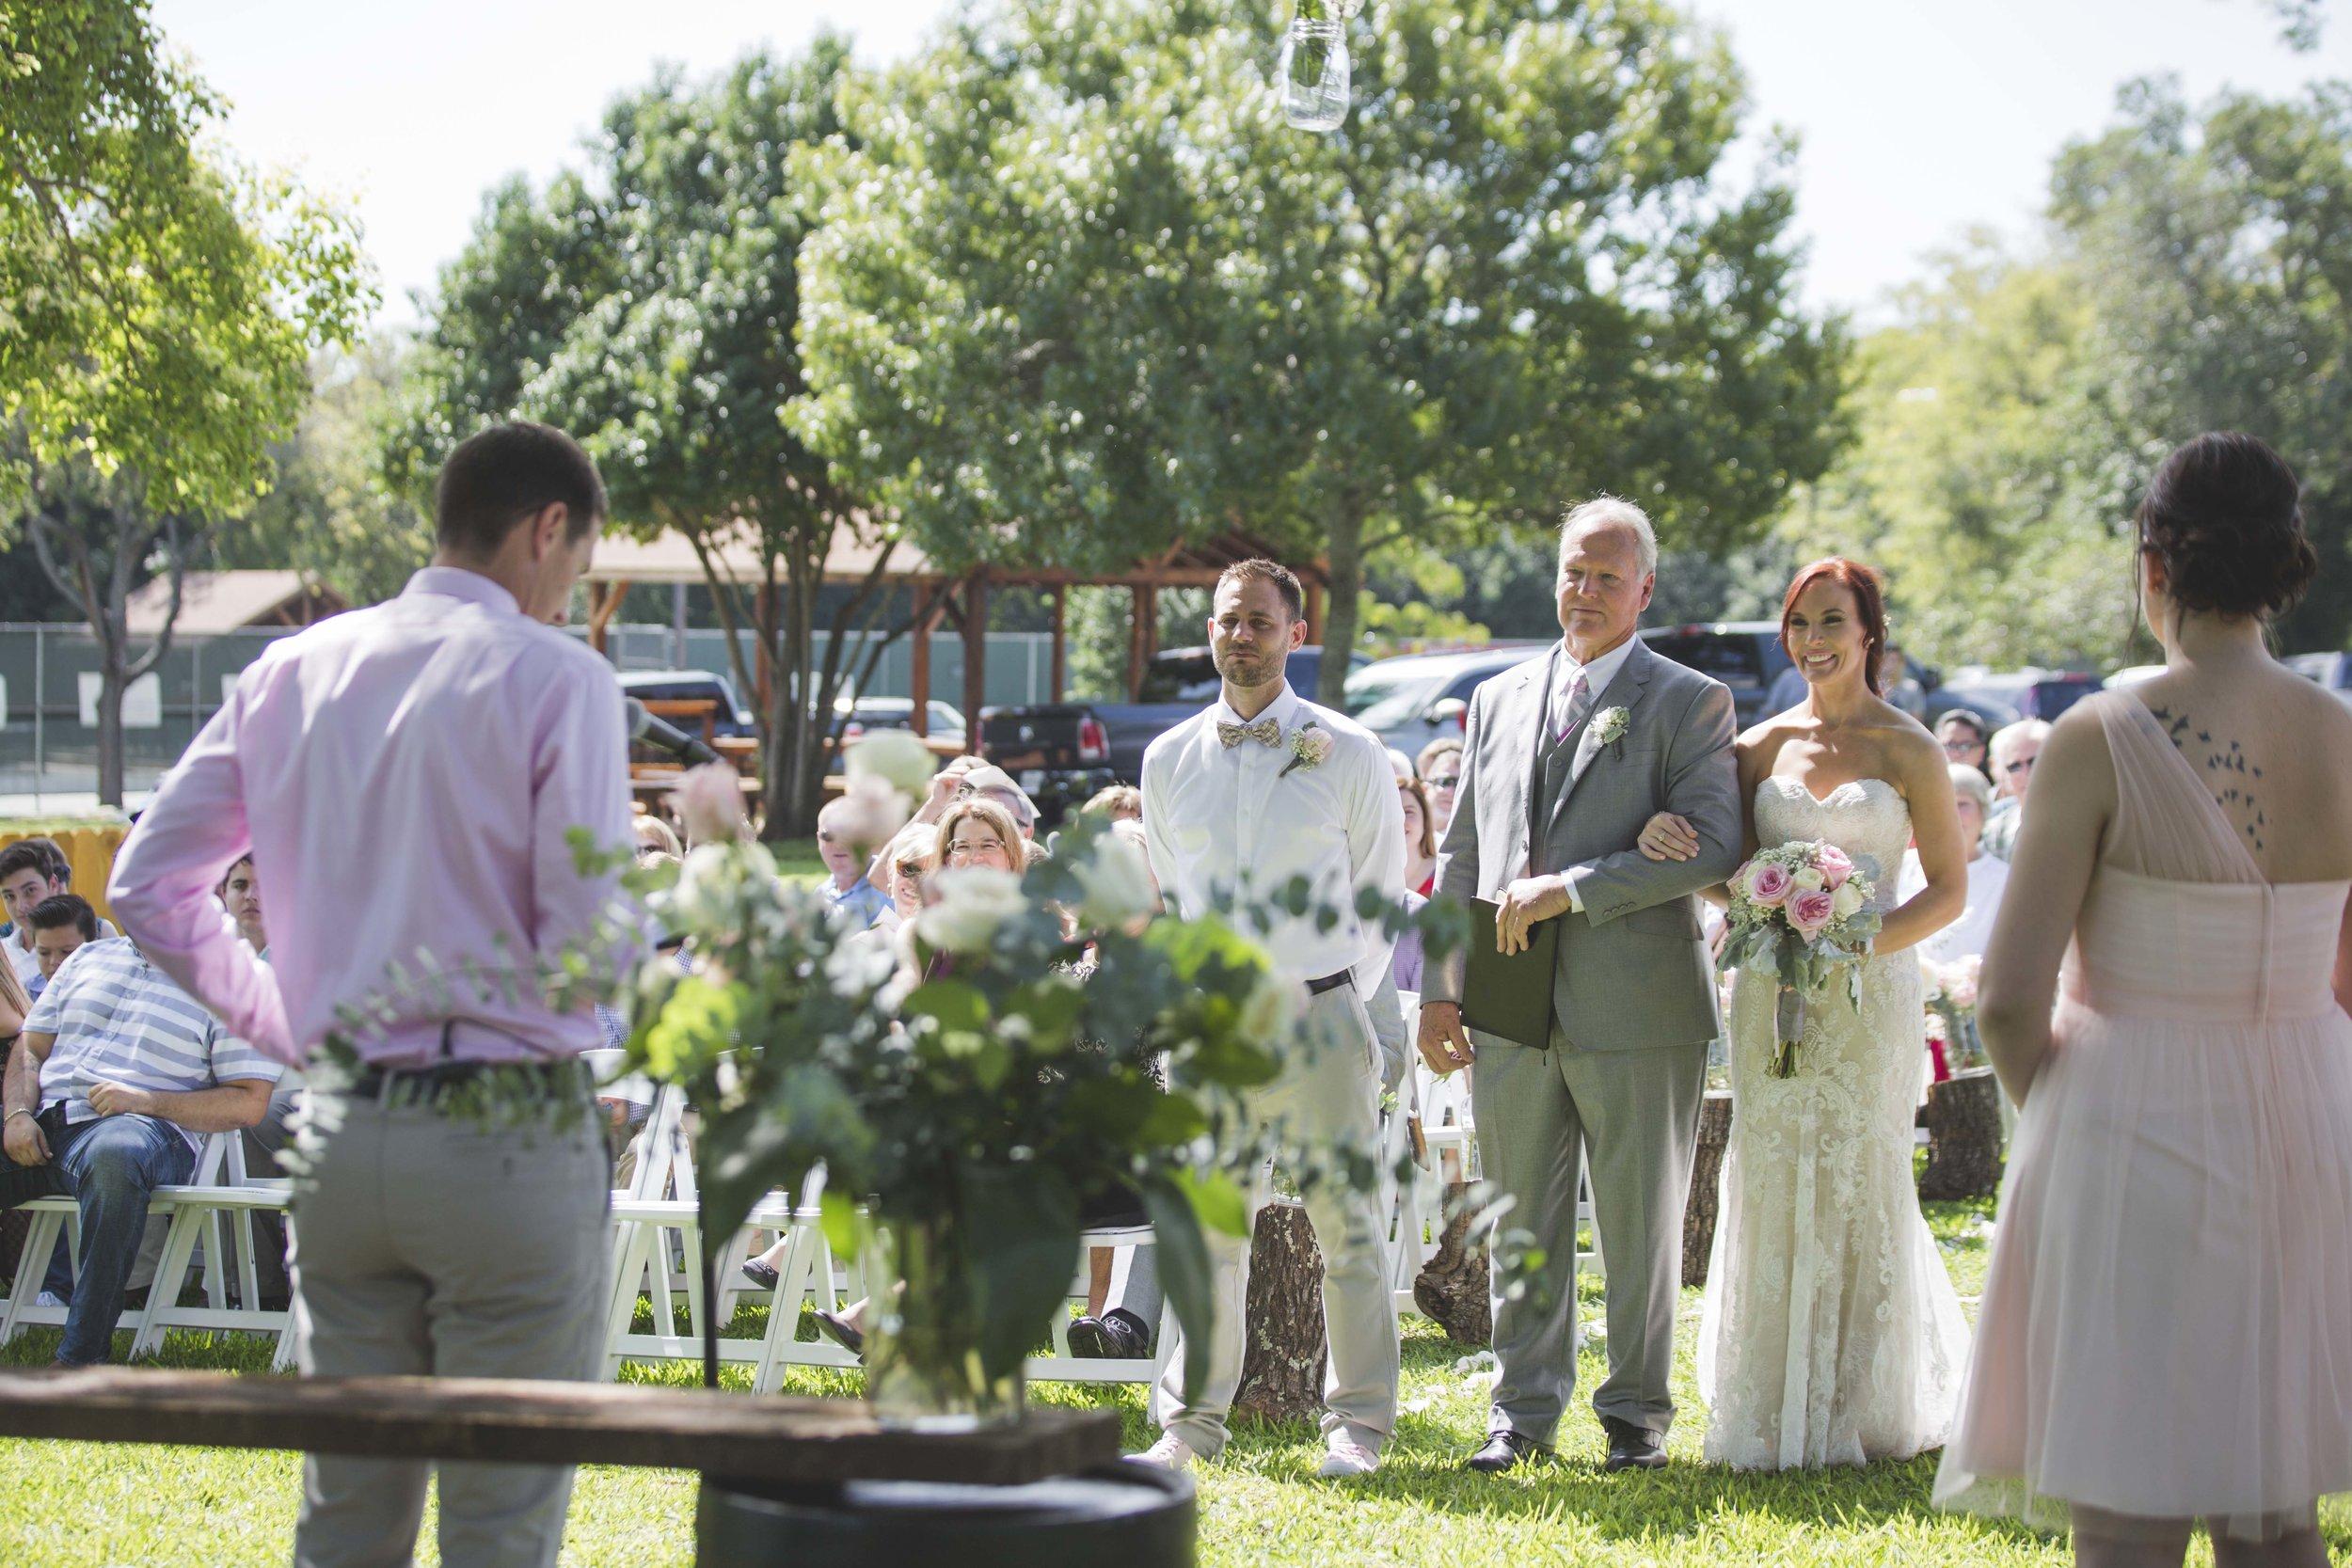 ATGI_Susanna & Matt Wedding_717A7584.jpg